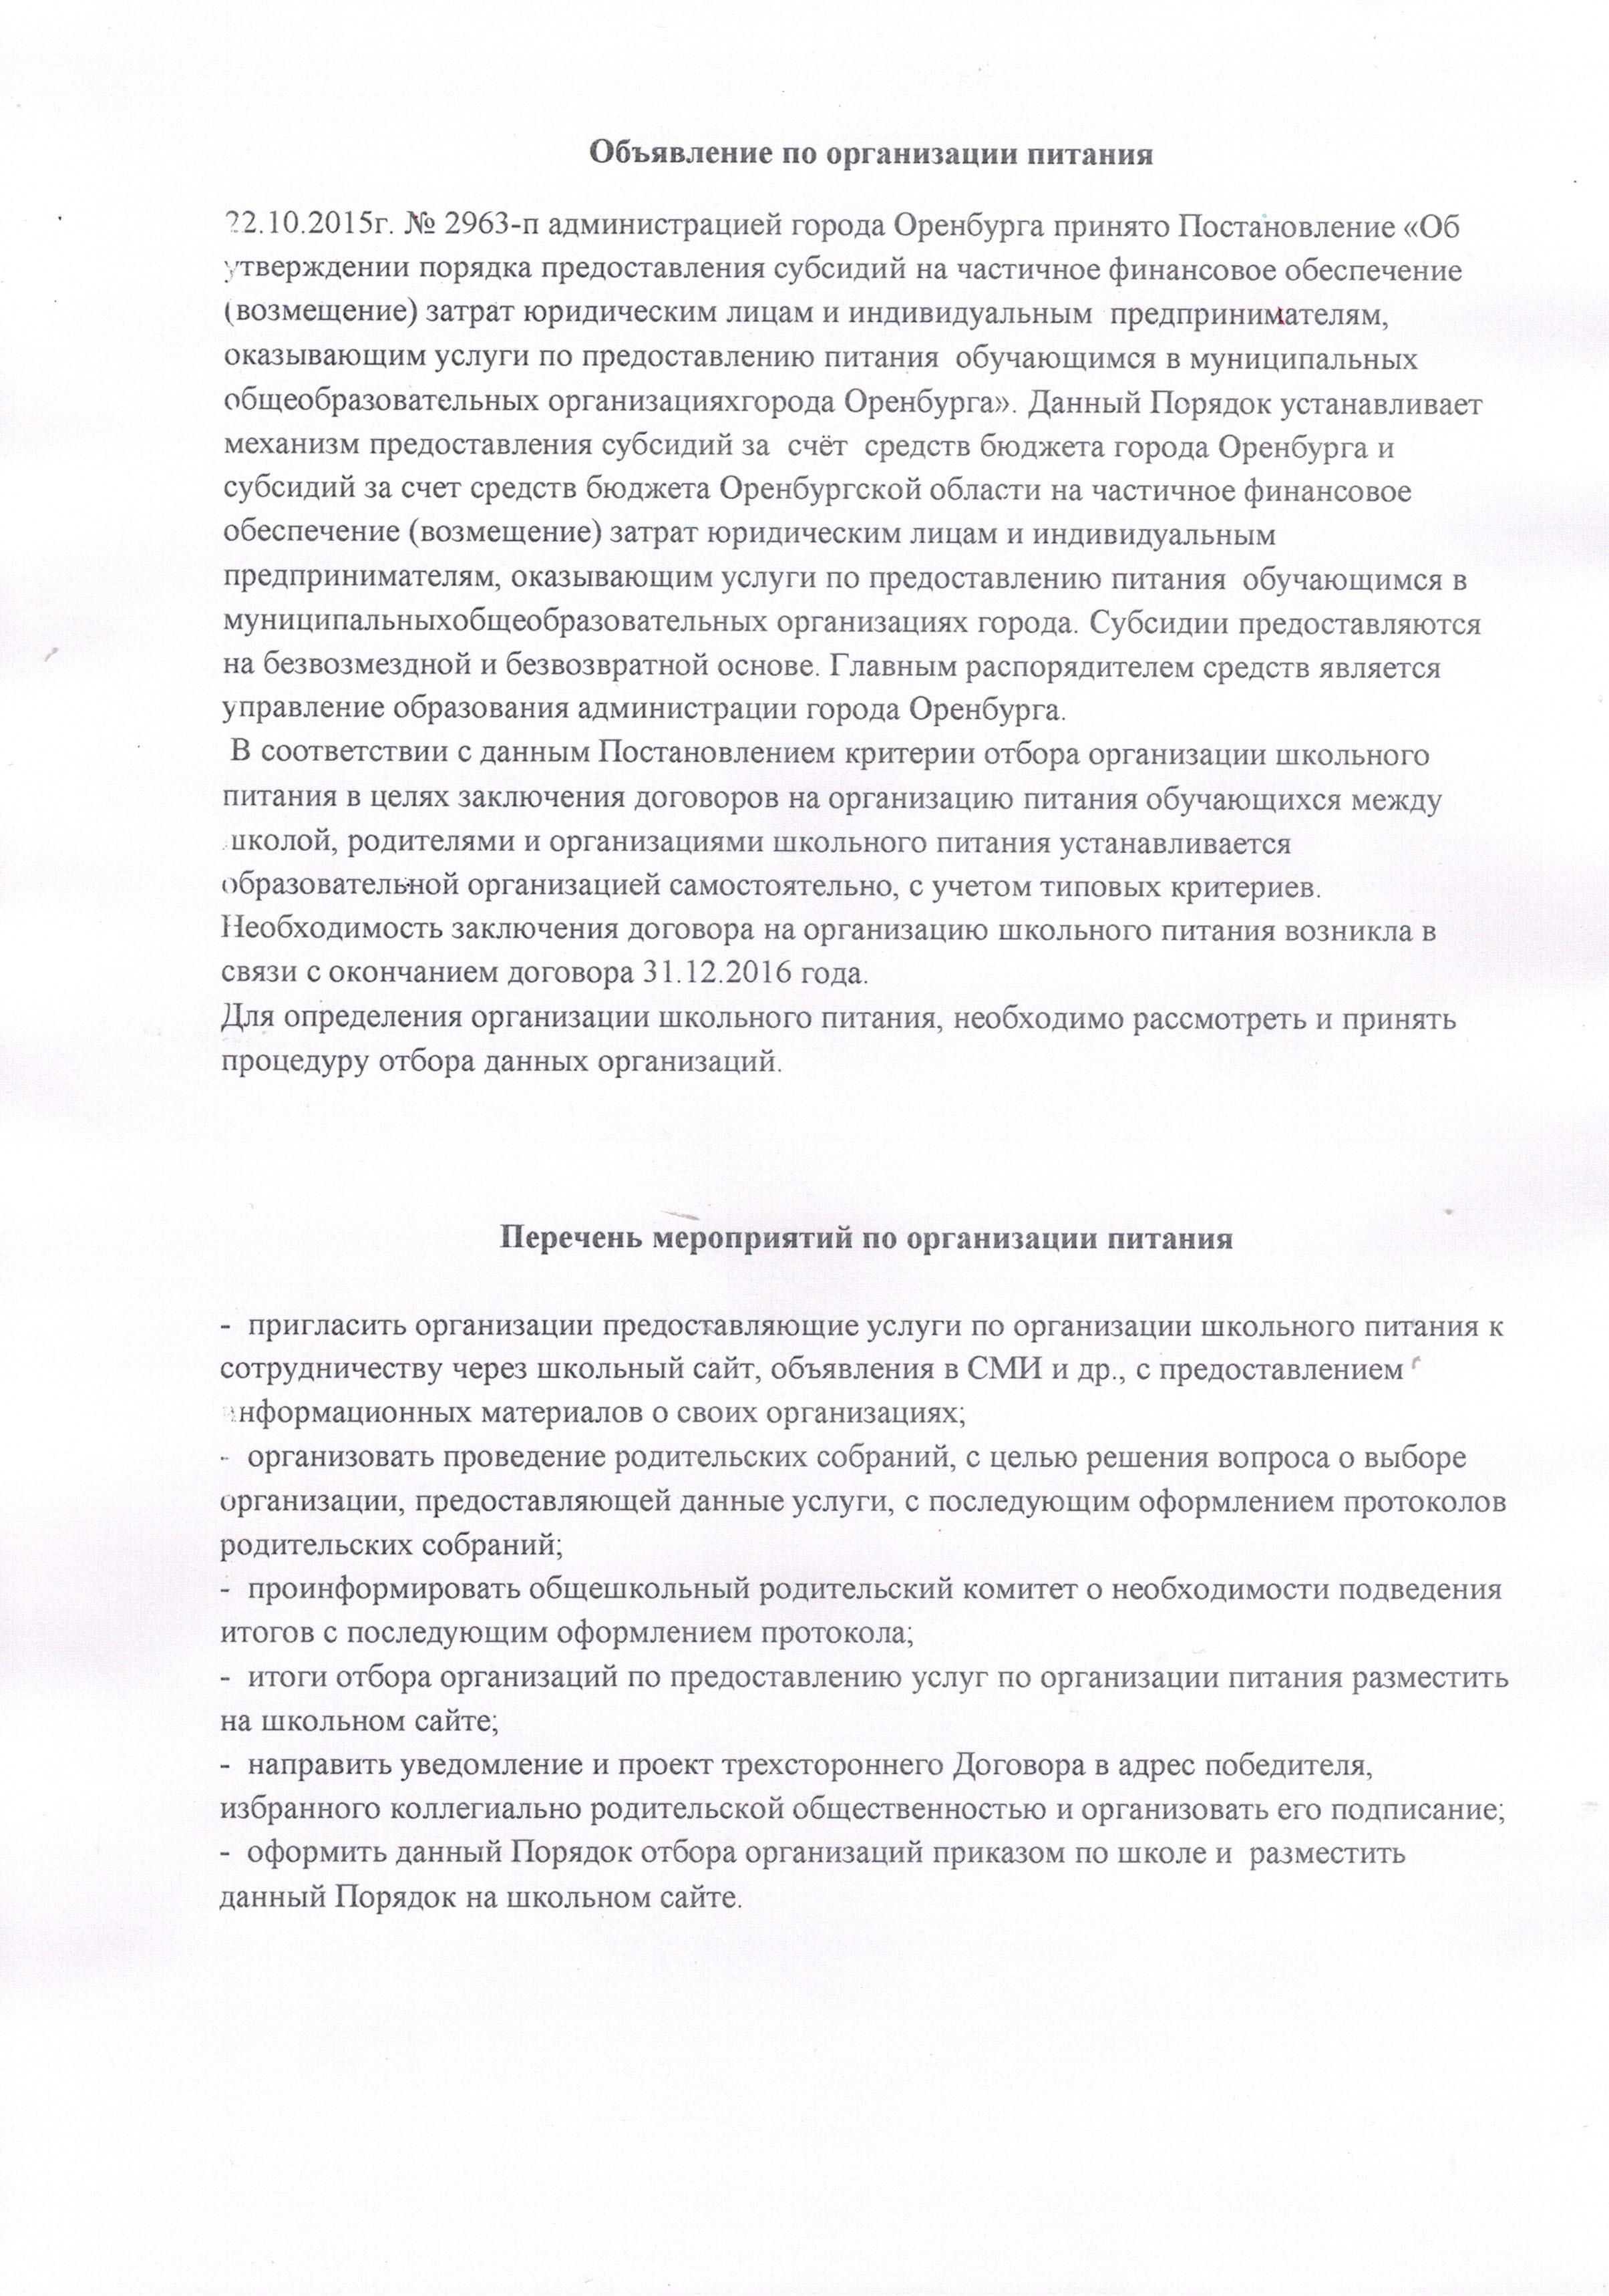 умвд города оренбурга телефон